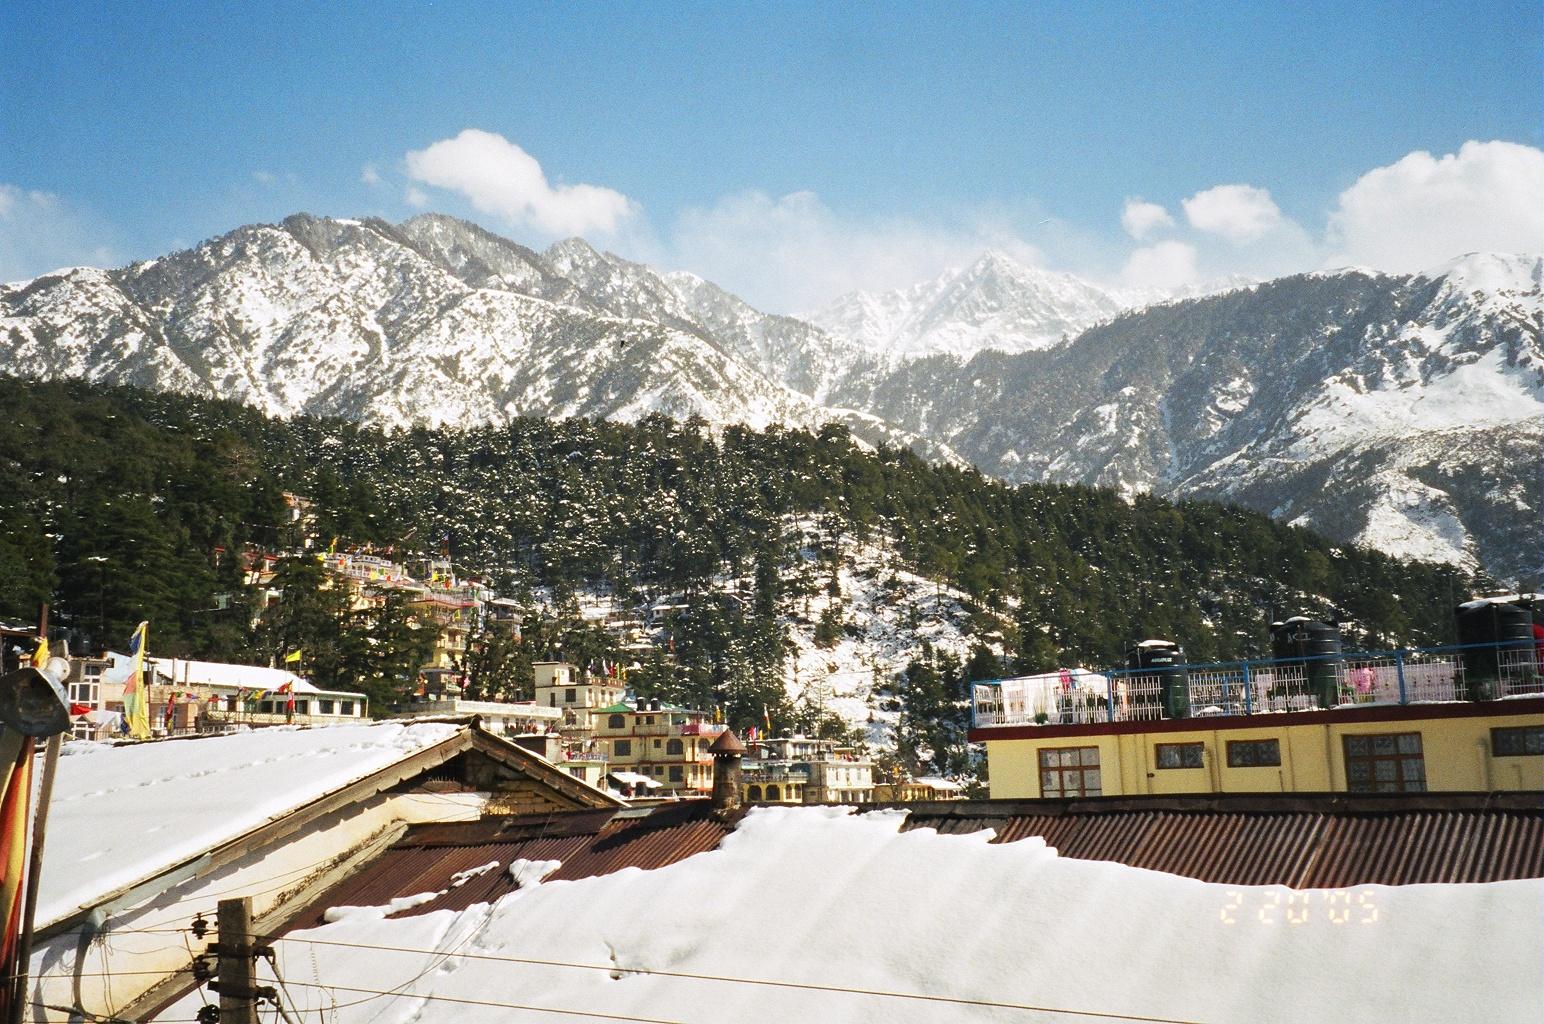 filepanoramic view of mcleod ganj during winters 2005